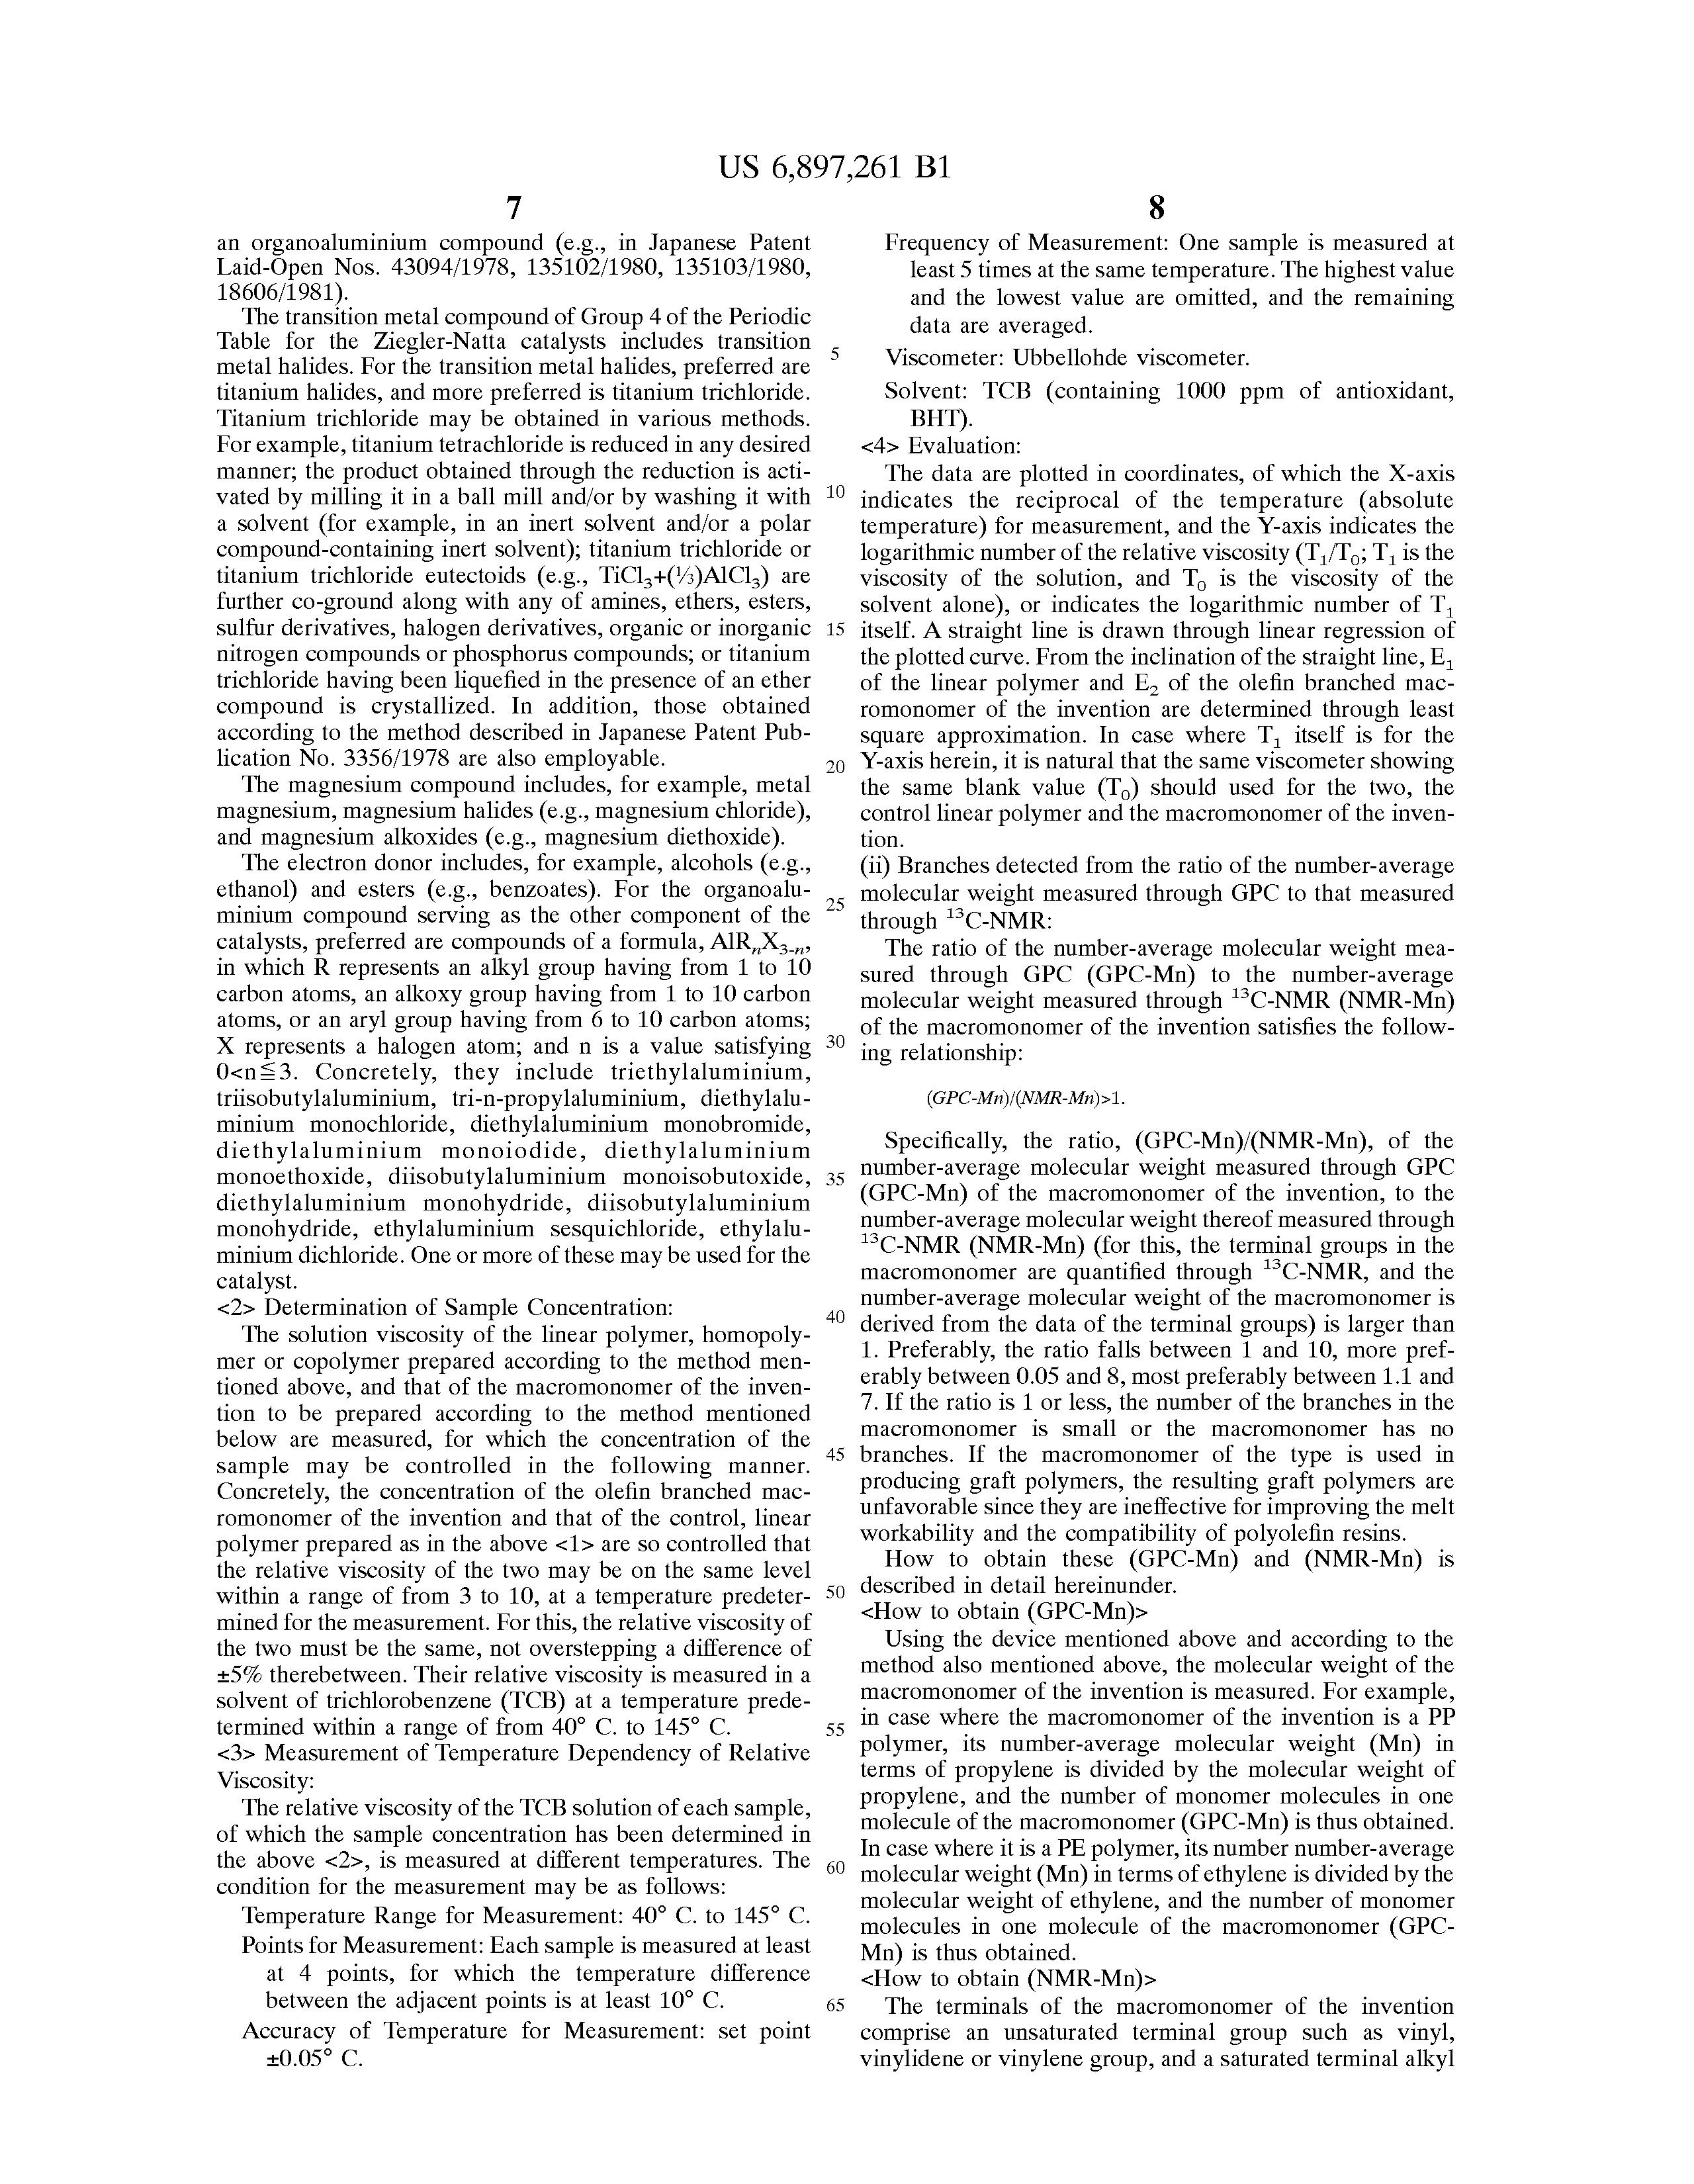 Discrimination against religion essay